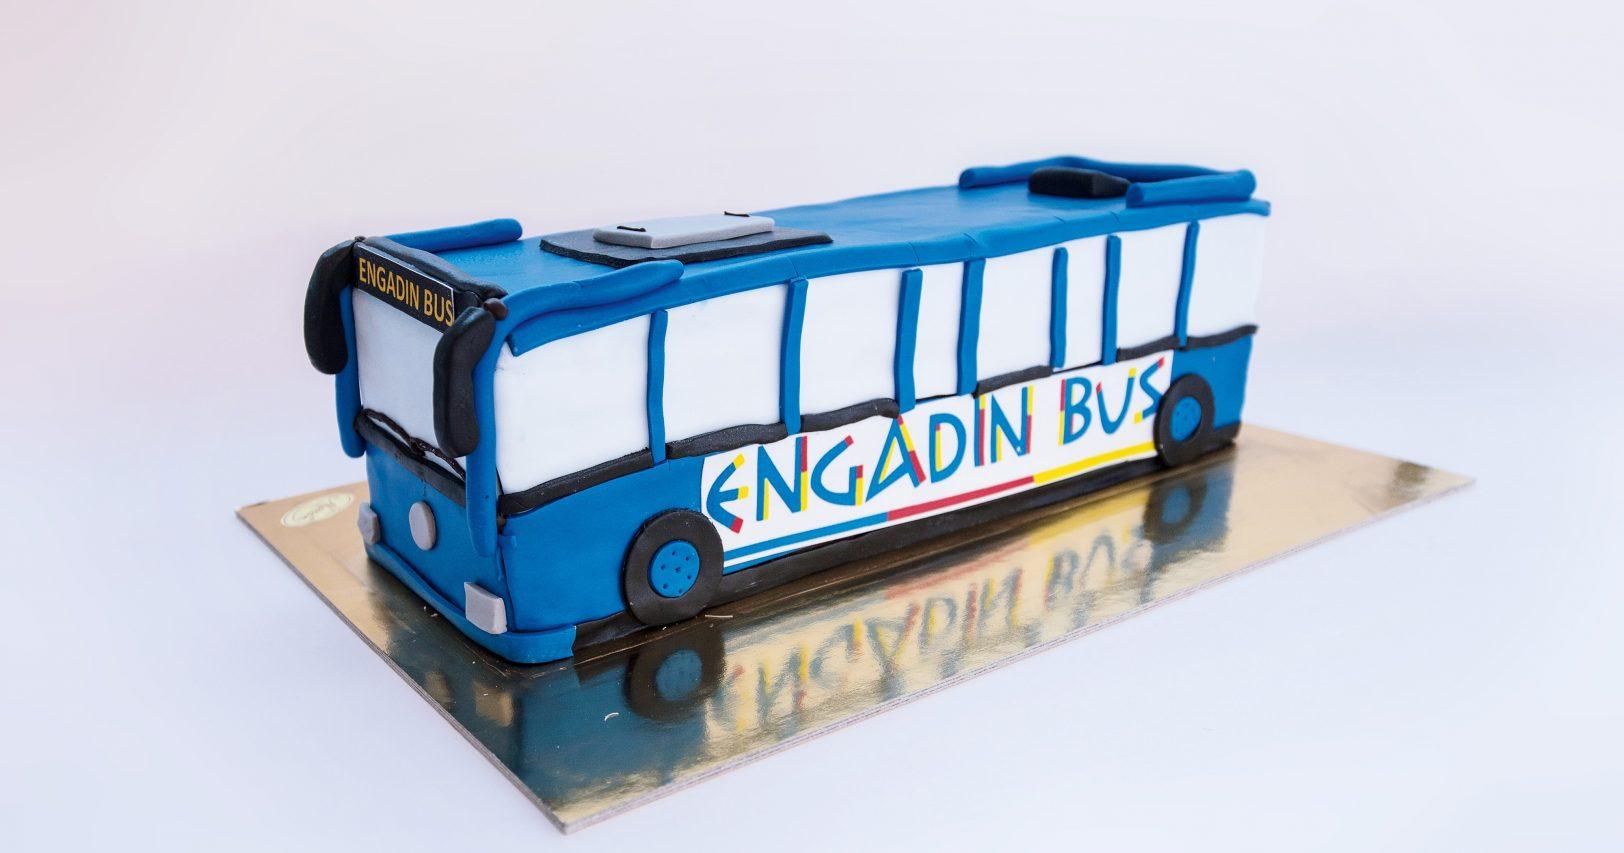 Alles Gute und auf die nächsten 50 Jahre wünscht das Engadin Bus Team!